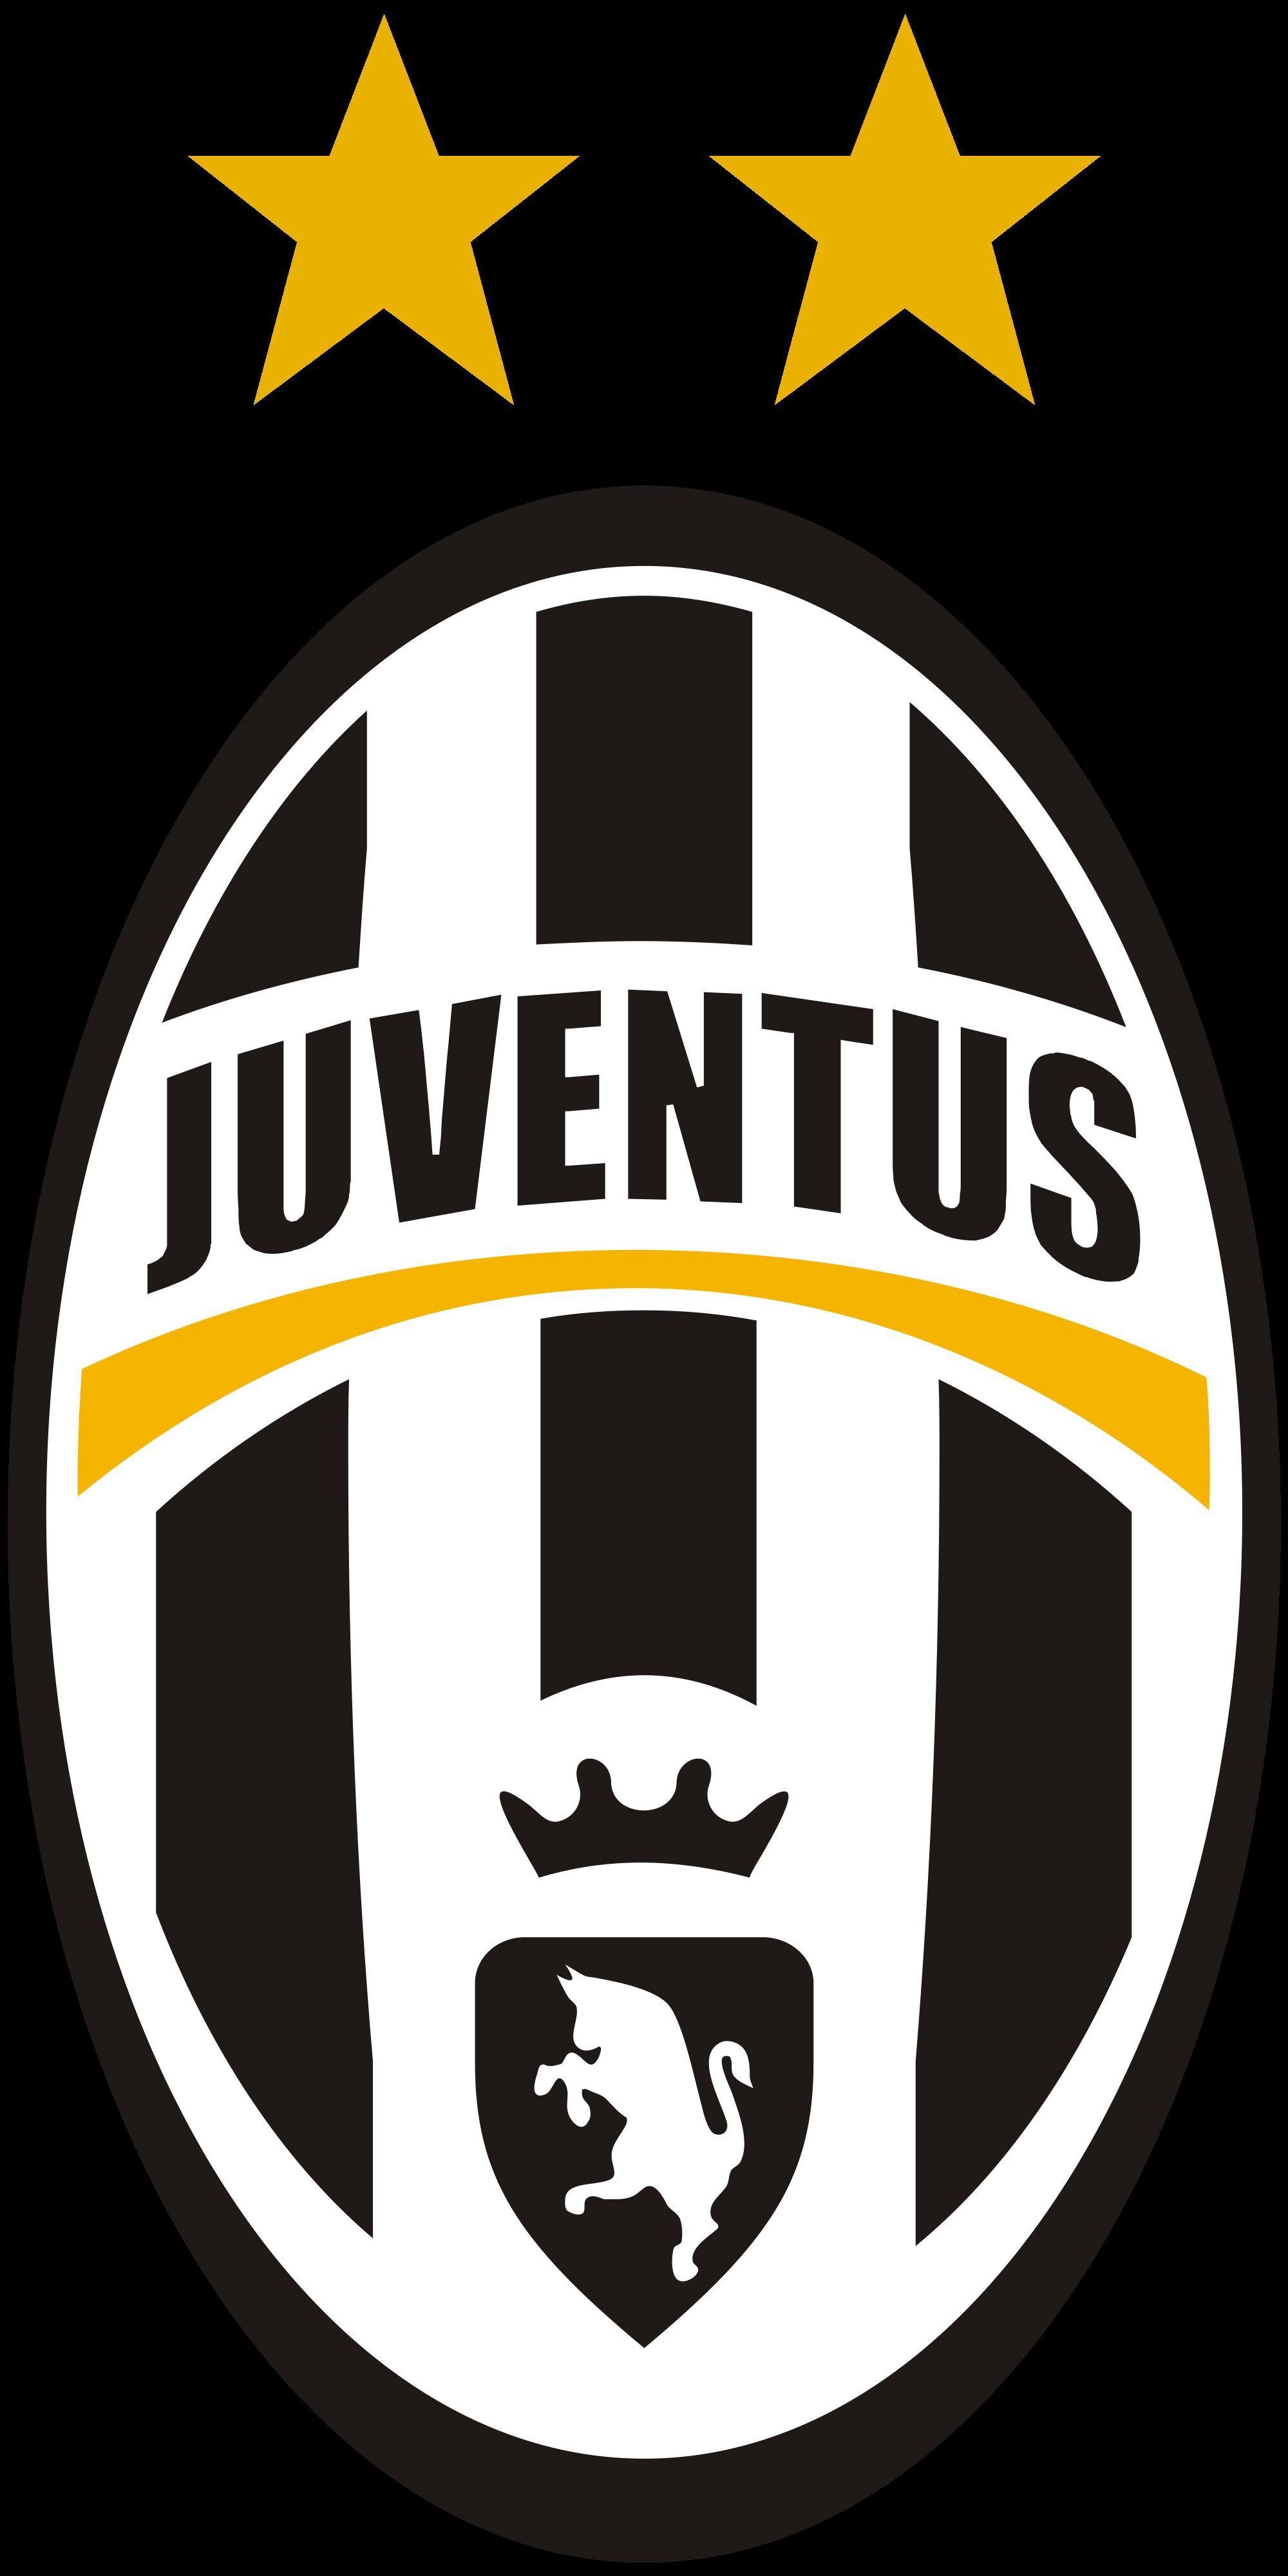 Juventus Equipo De Futbol Logos De Futbol Atletico De Madrid Wallpaper